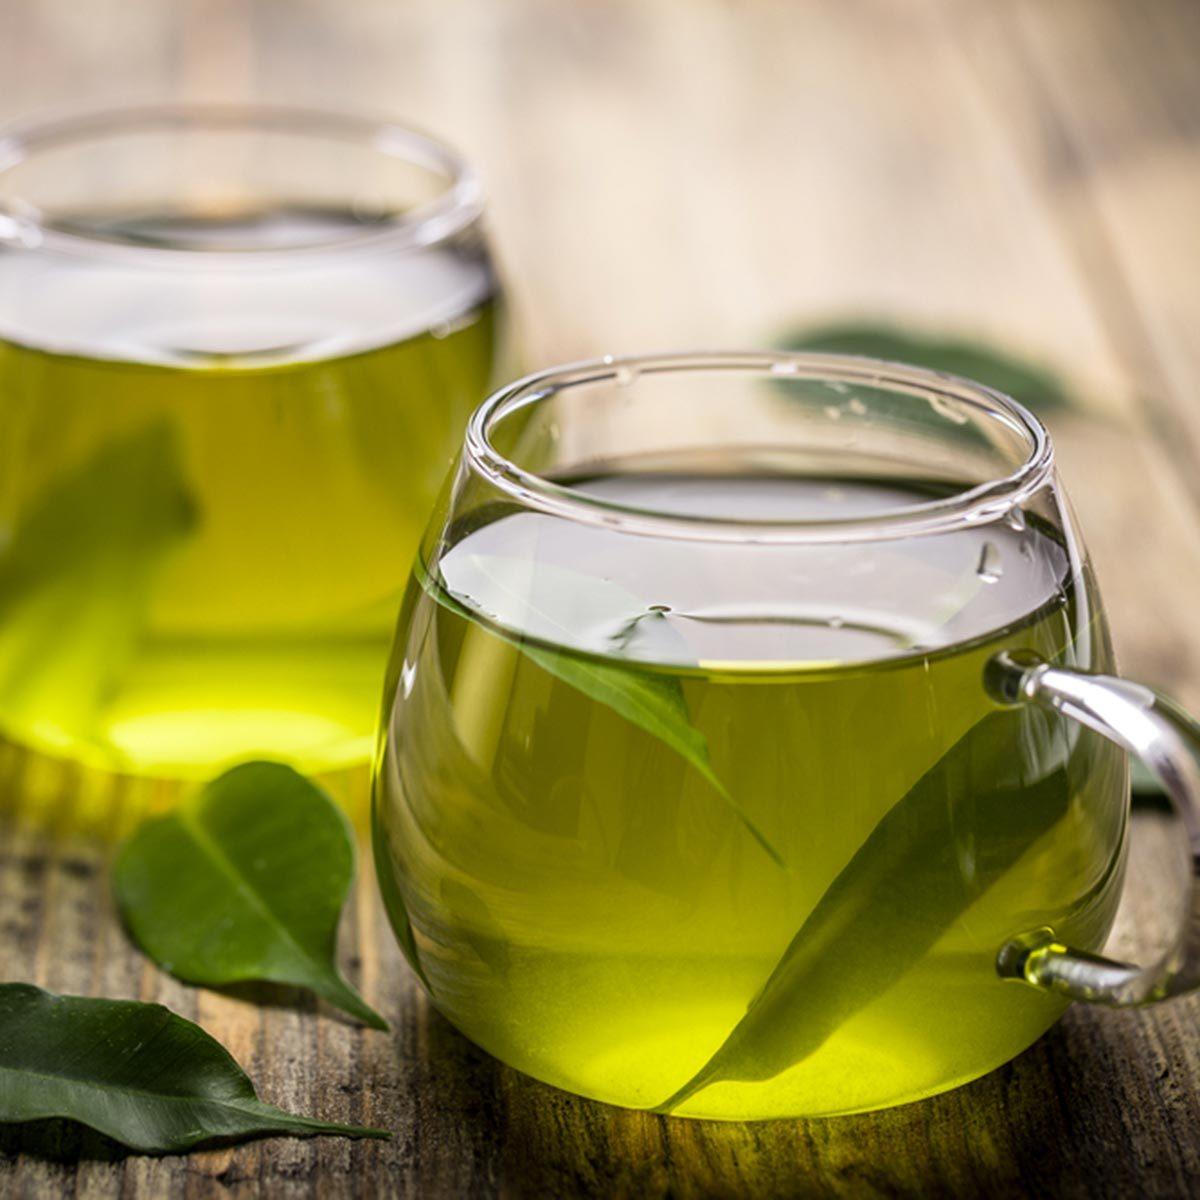 Les meilleurs aliments pour avoir une belle peau : le thé vert.